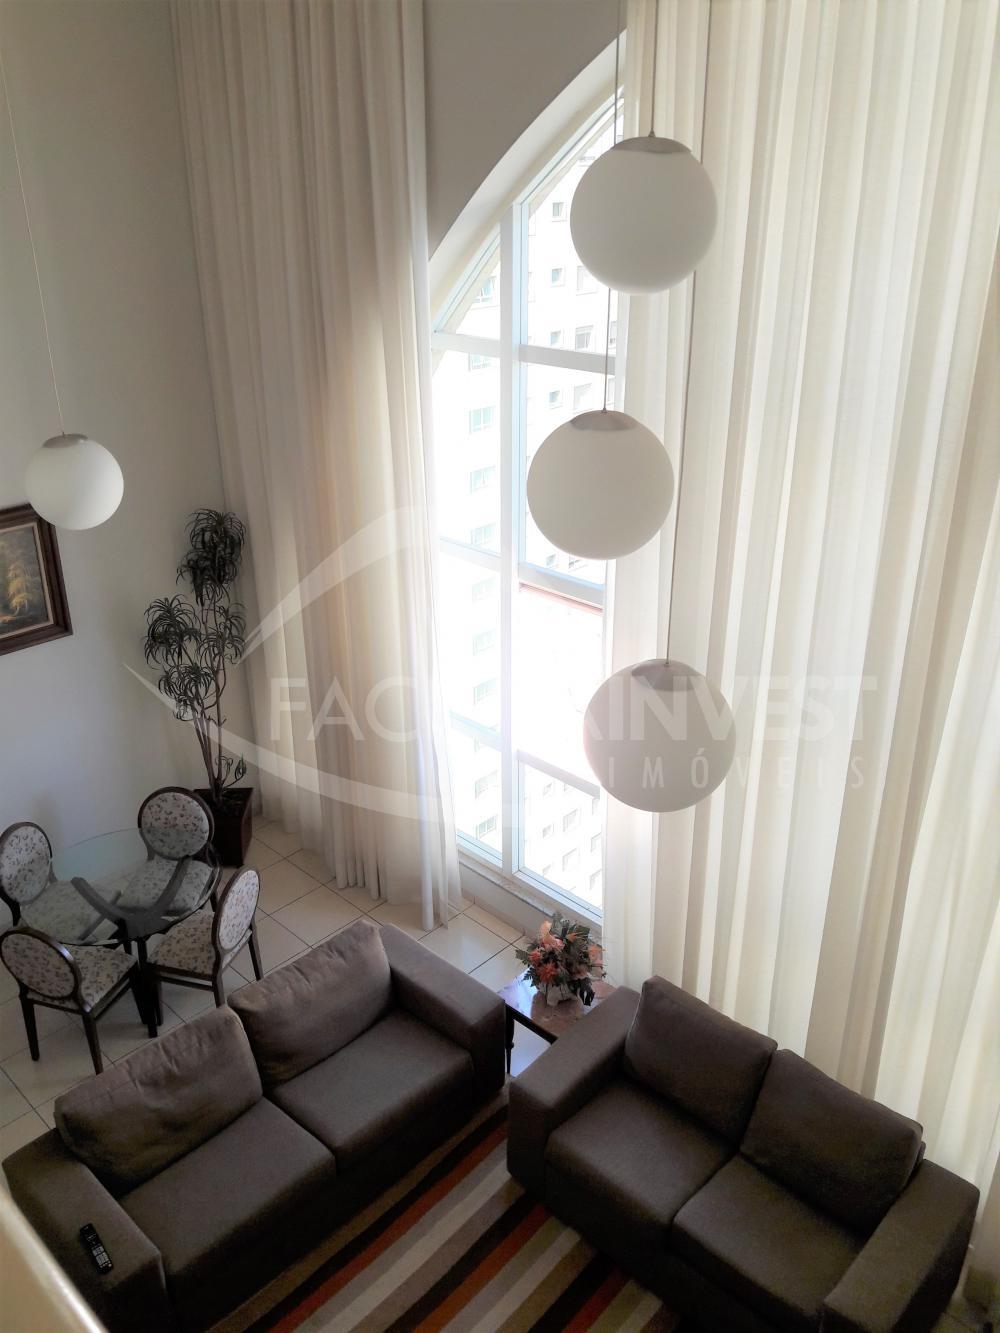 Alugar Apartamentos / Cobertura em Ribeirão Preto apenas R$ 7.000,00 - Foto 2